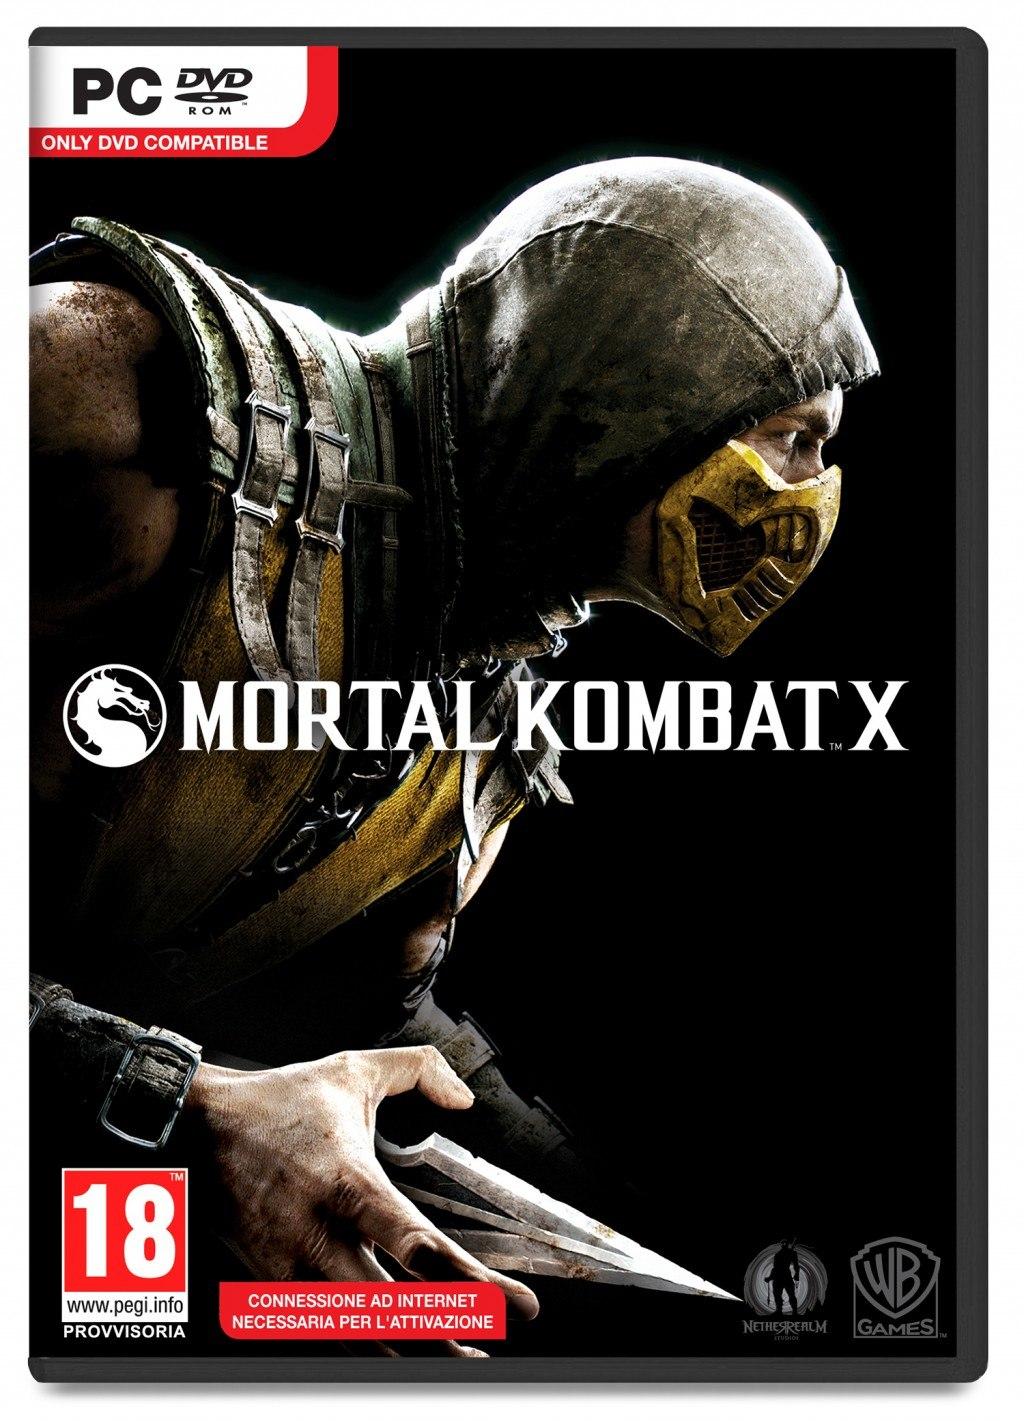 Mortal Kombat X w wersji na PC.